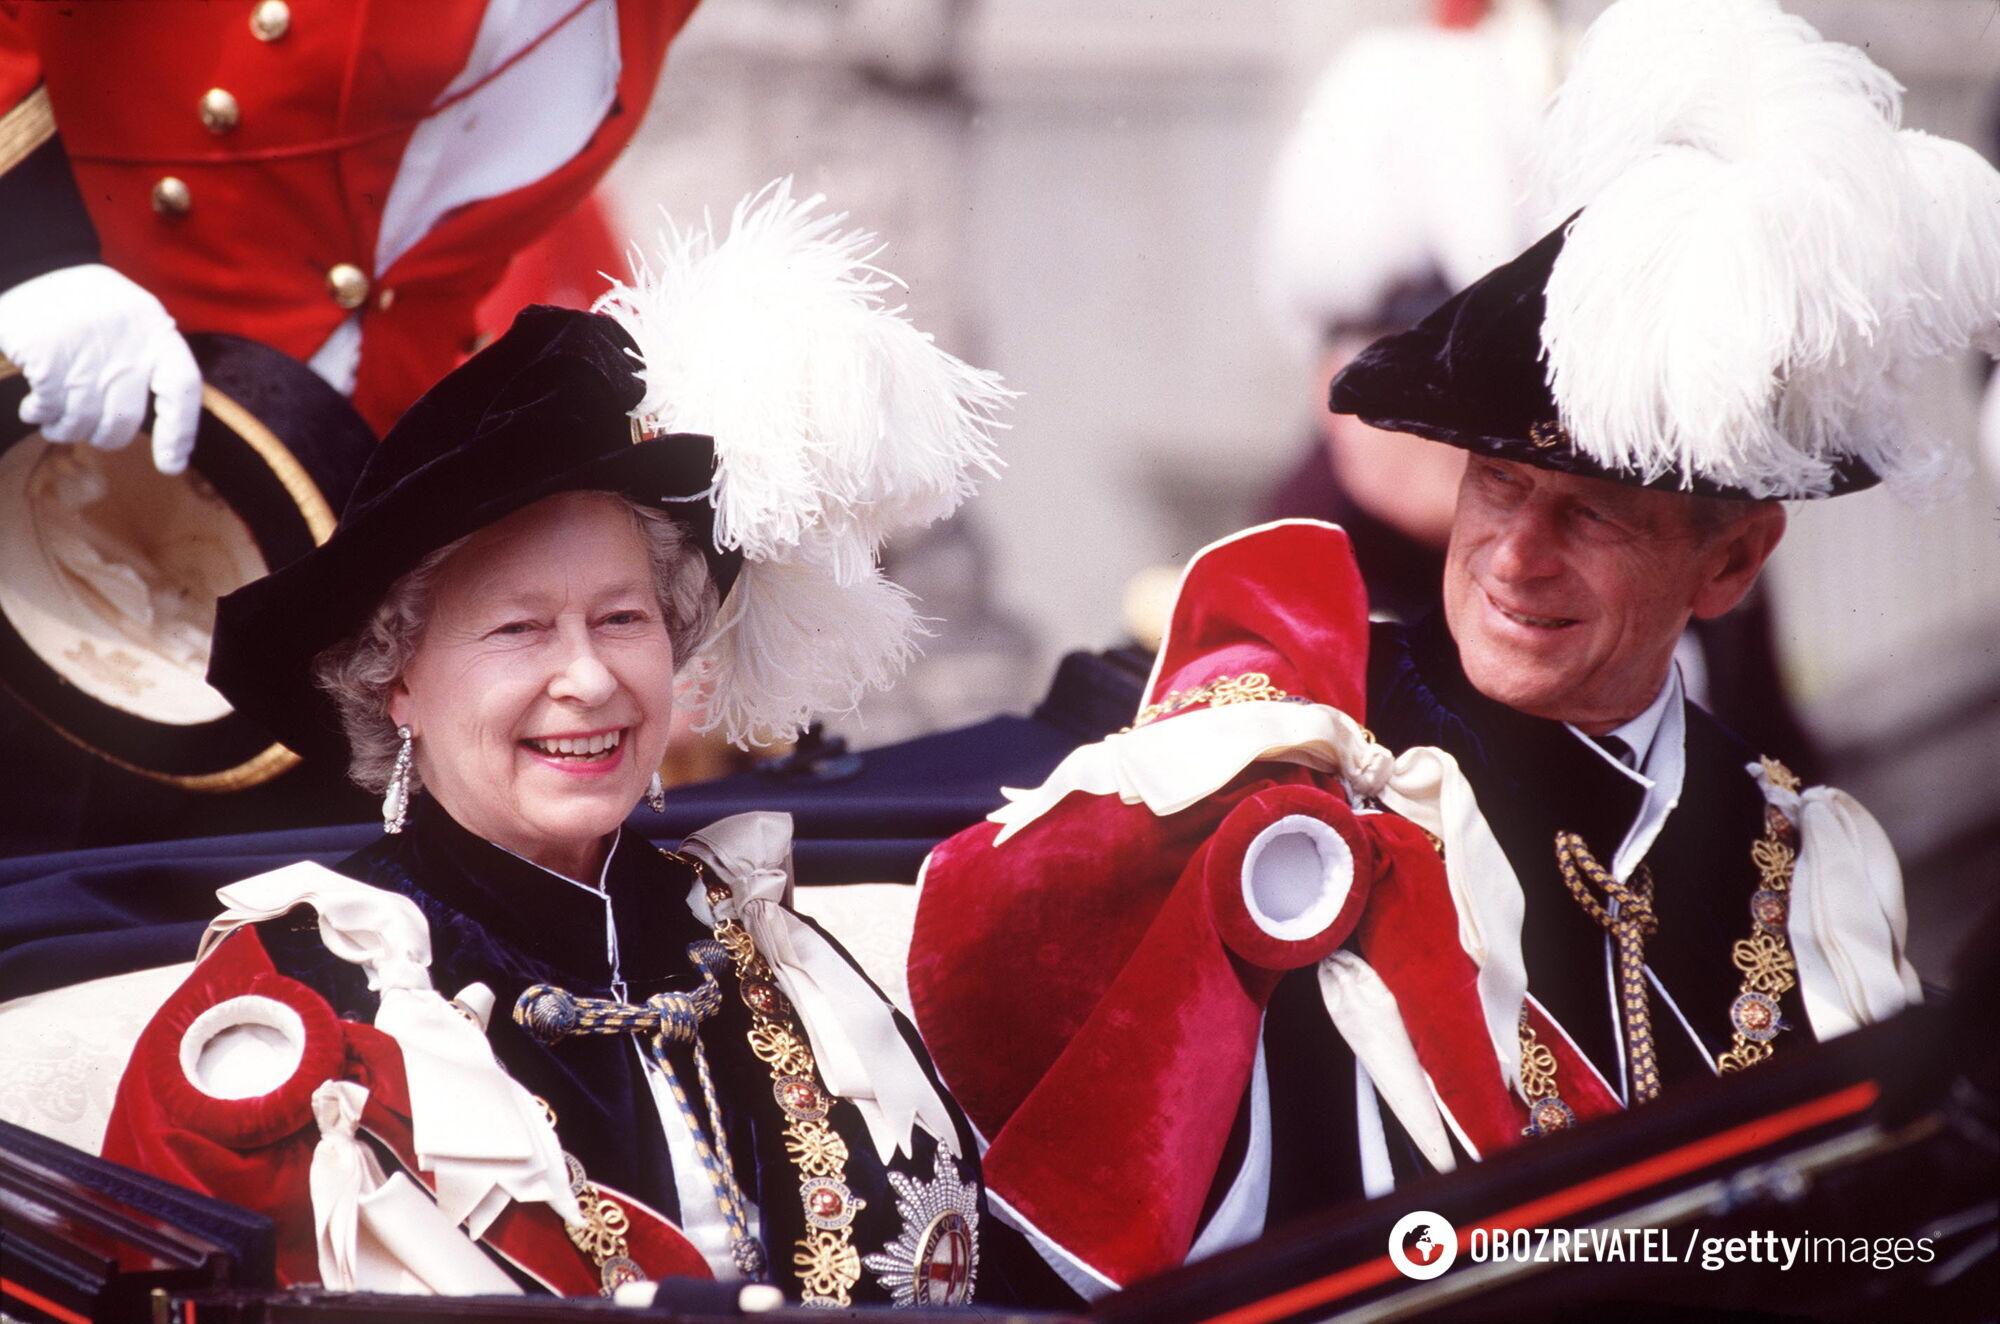 Филипп познакомился с королевой Елизаветой, когда девушке было 13 лет.